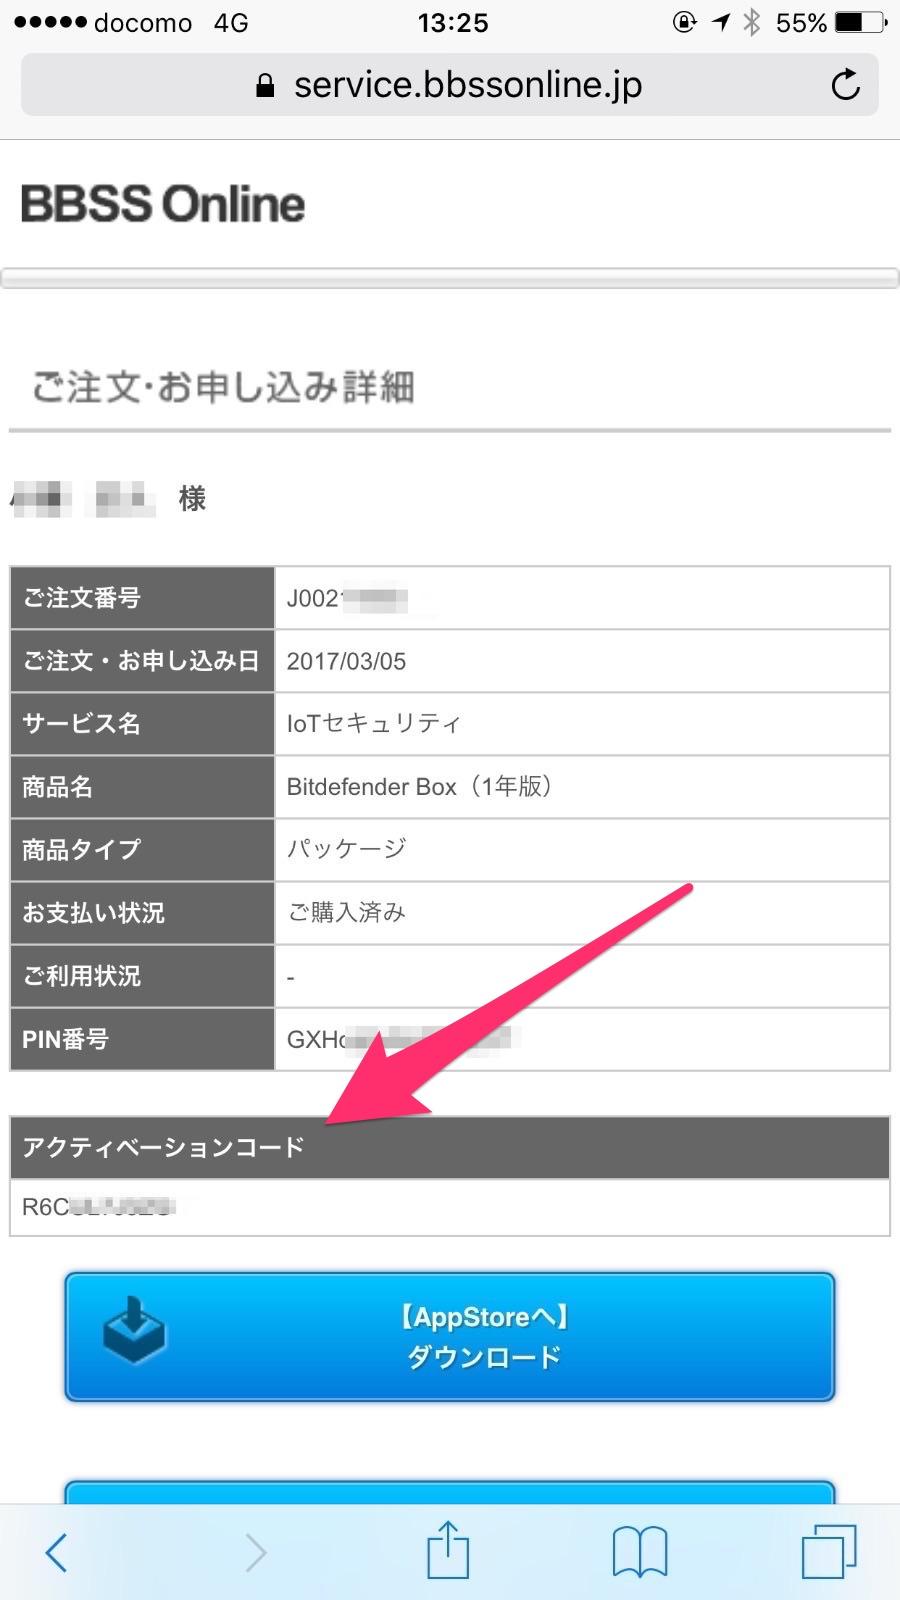 Bitdefender box 32559